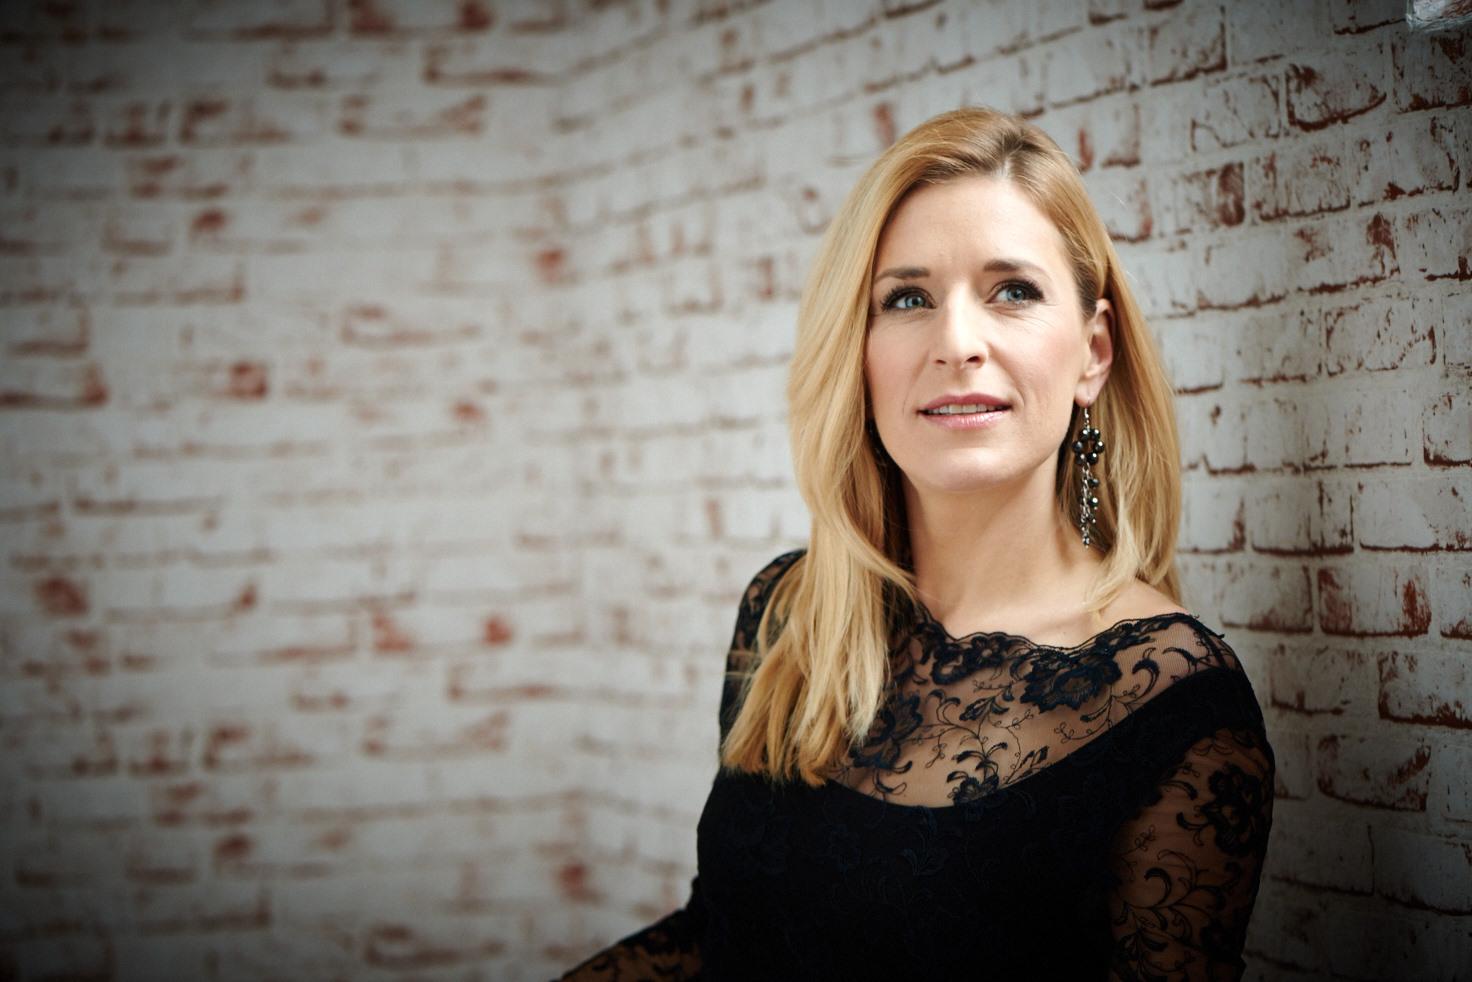 Stefanie Hertel Das Schreckliche Todes Drama Um Ihre Geliebte